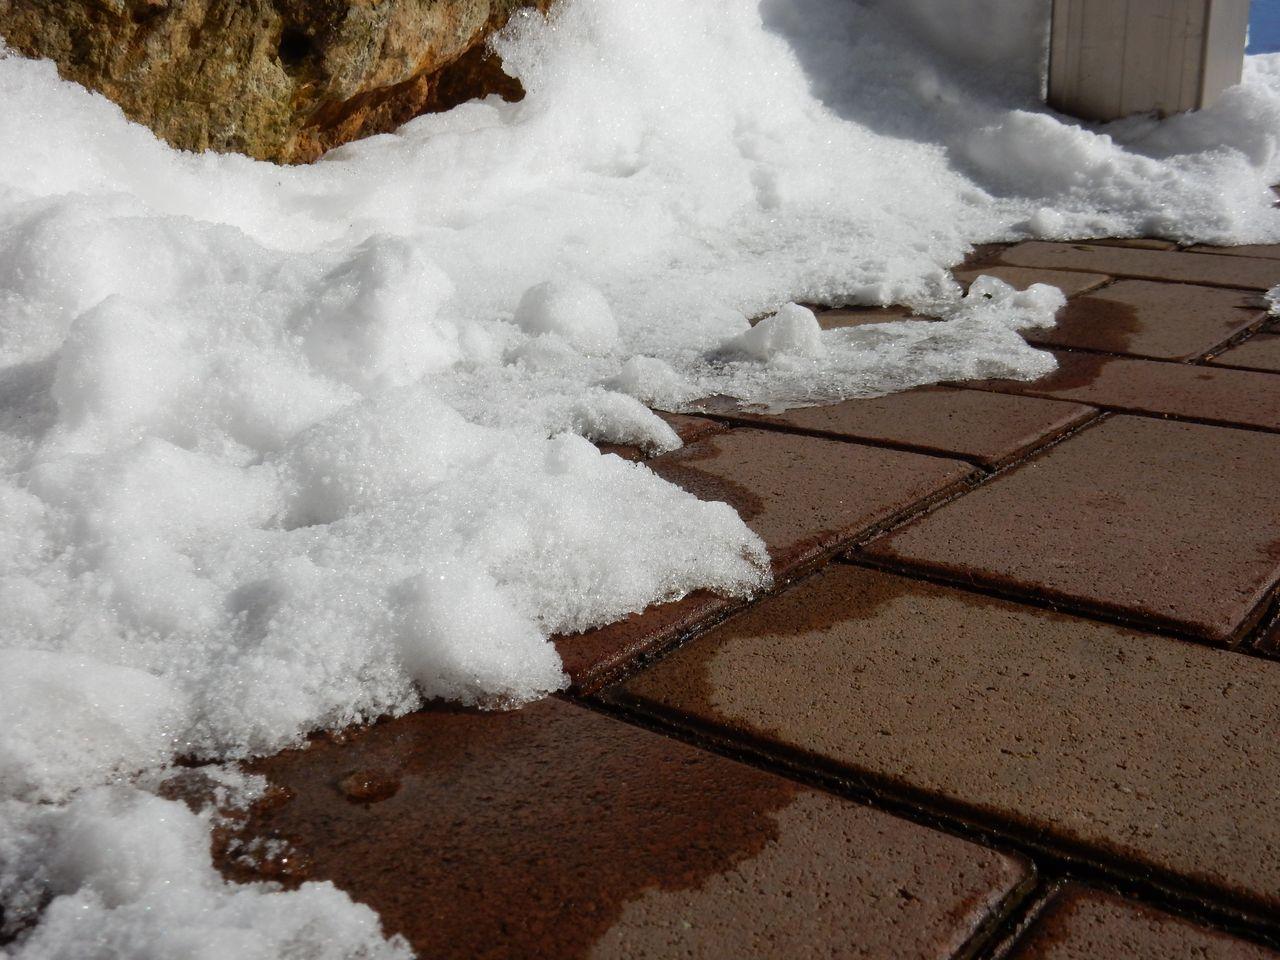 真冬日に雪がとける_c0025115_21402399.jpg